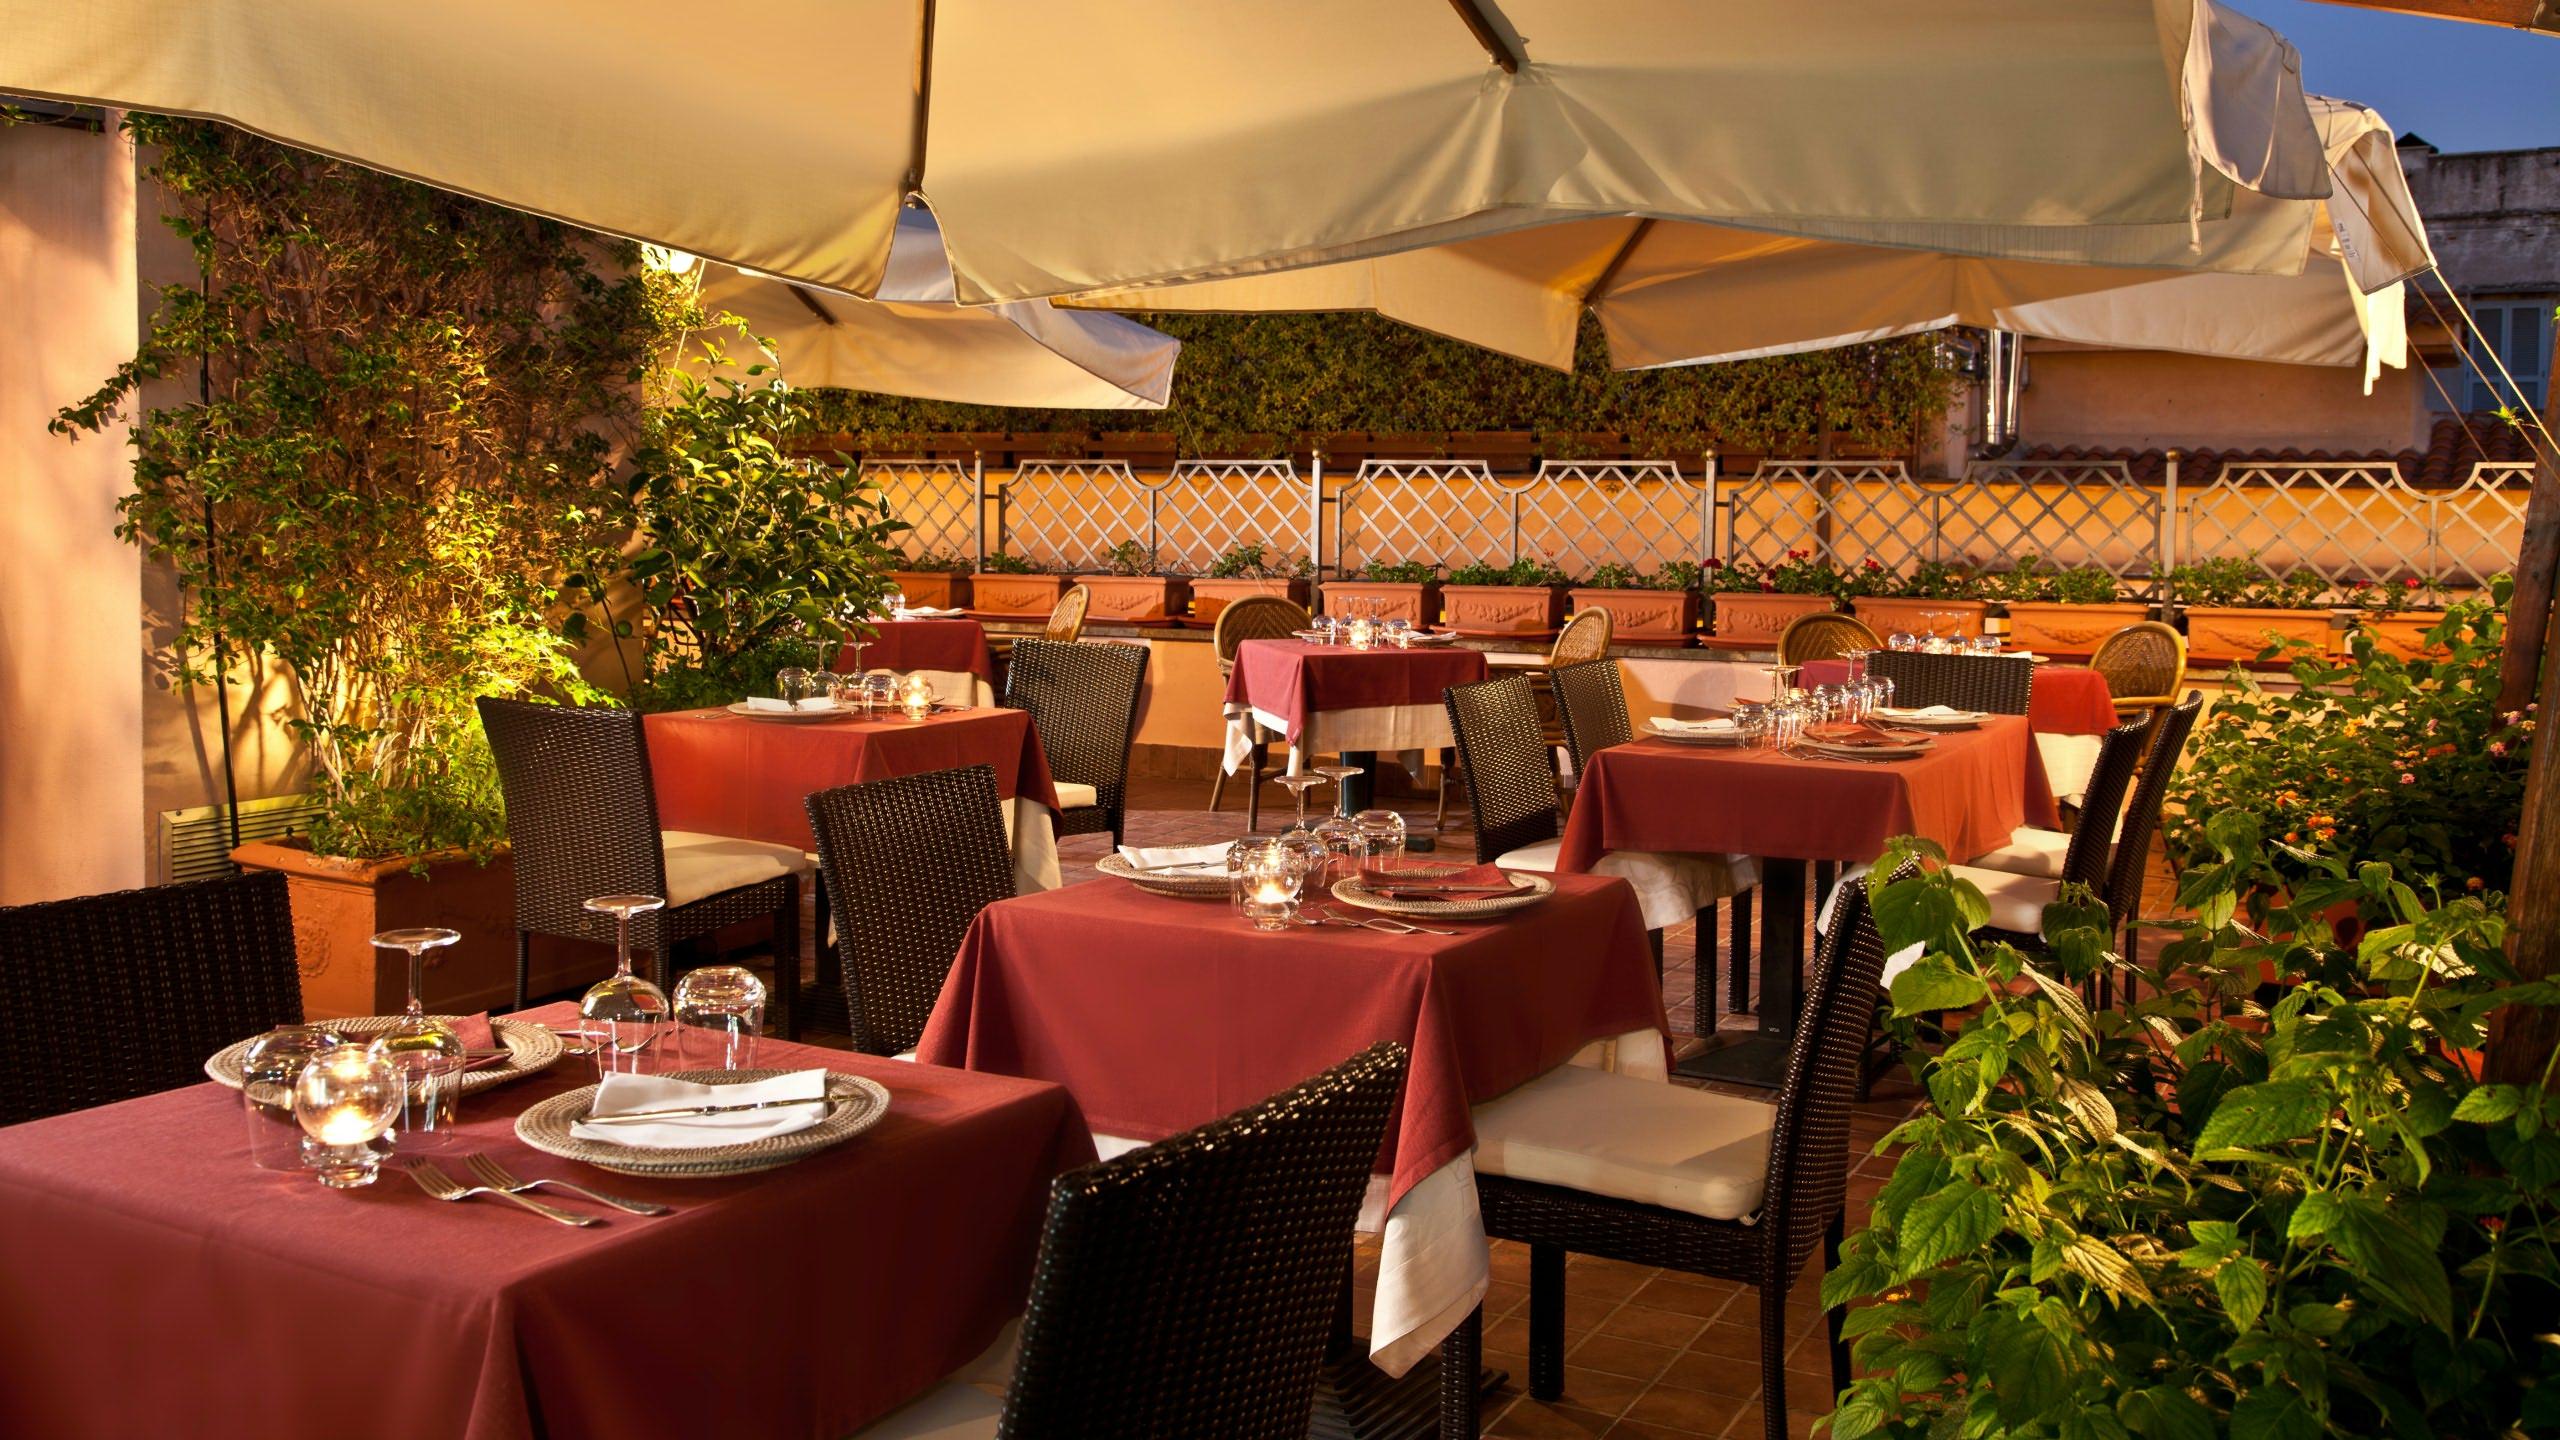 albergo-ottocento-roma-terrazza-04